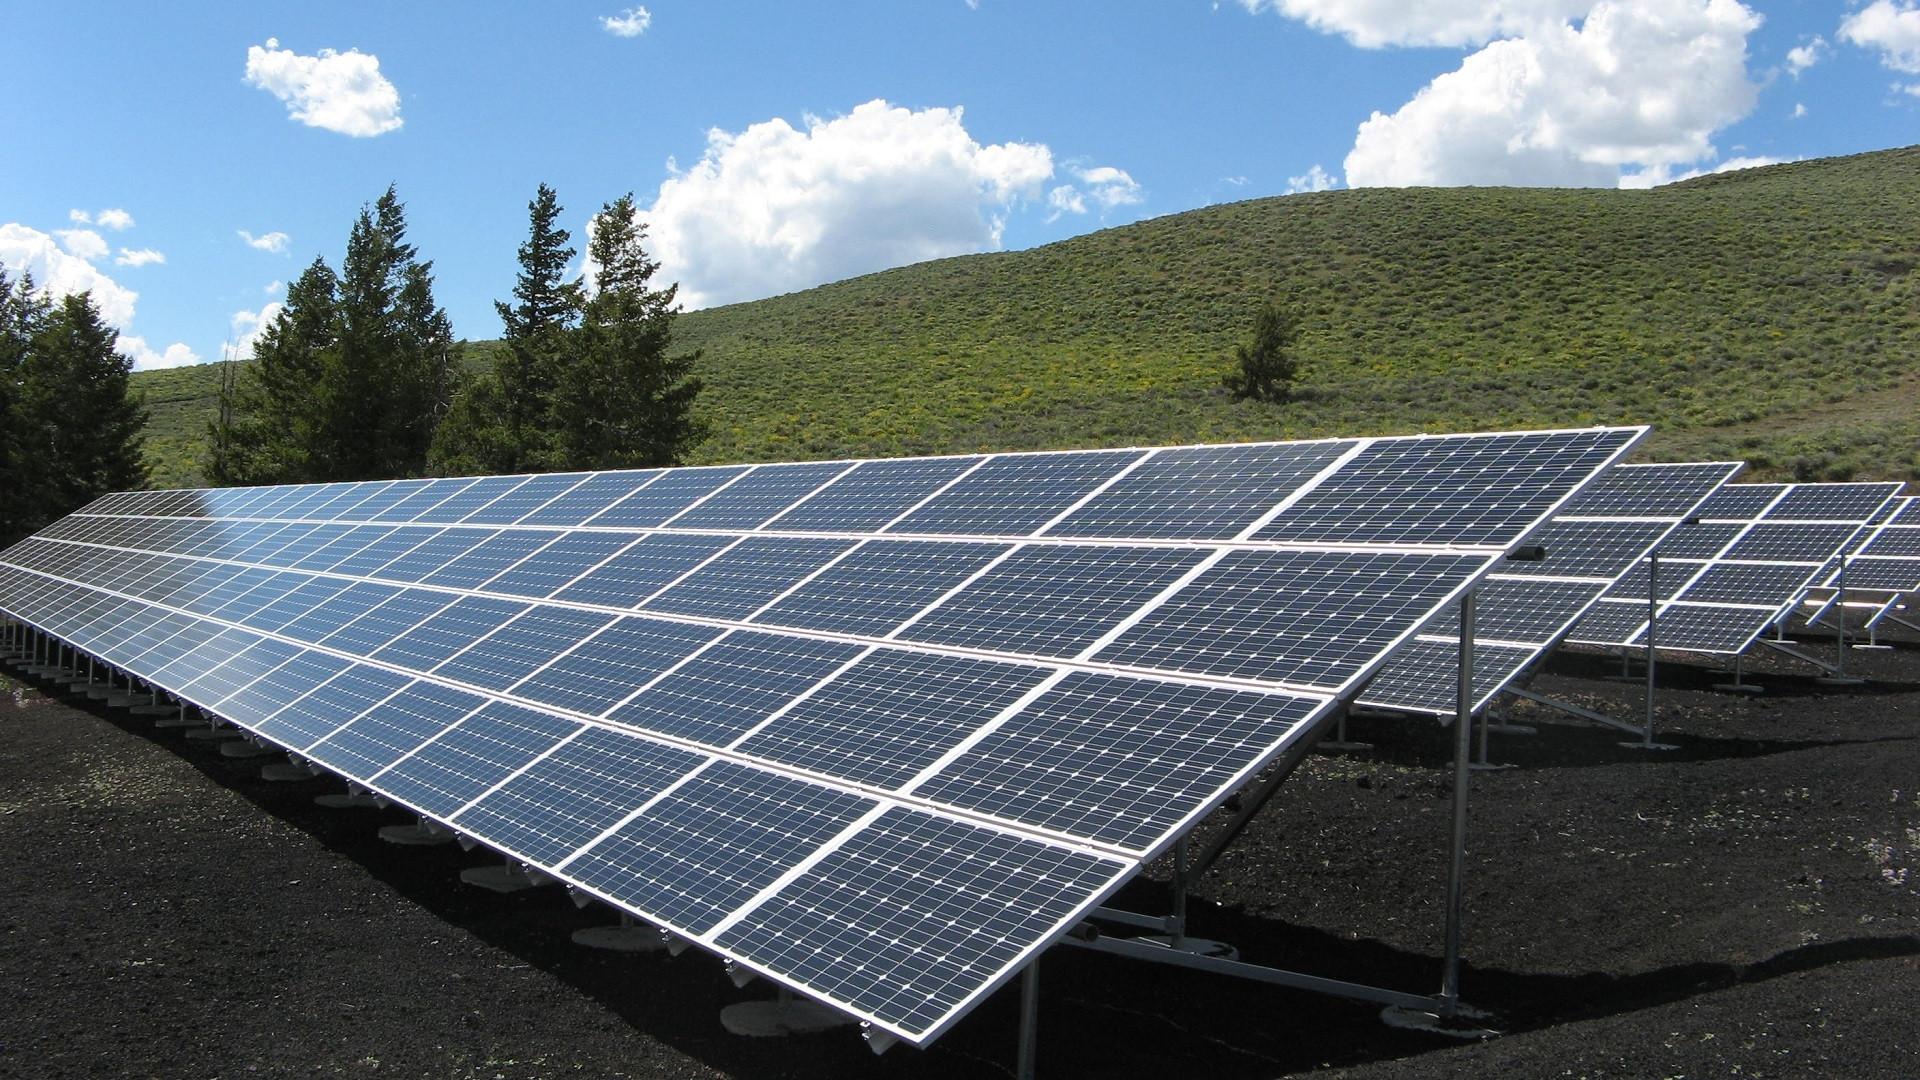 lavenir-limmobiliser-trouve-secteur-energies-renouvelables.png